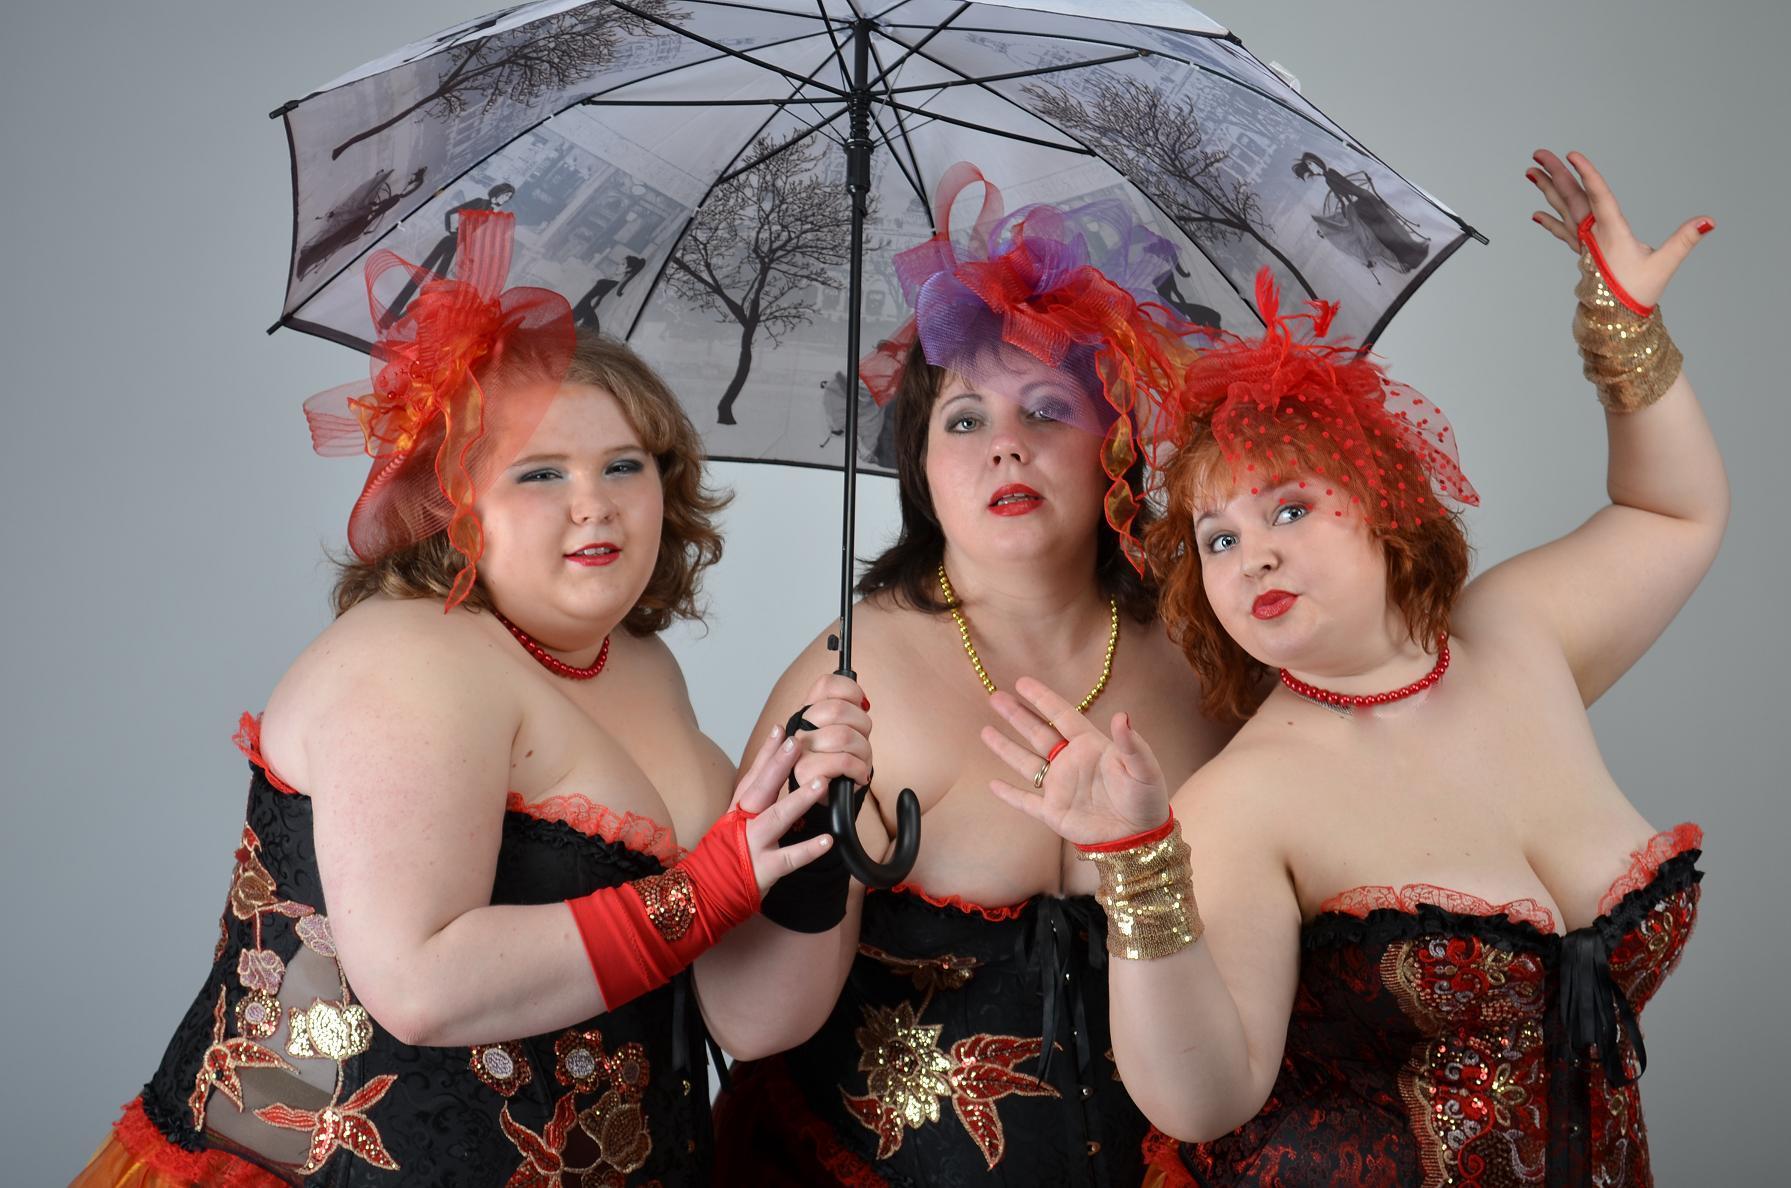 Фото галерея толстушек, голые толстушки Частное порно фото голых 21 фотография